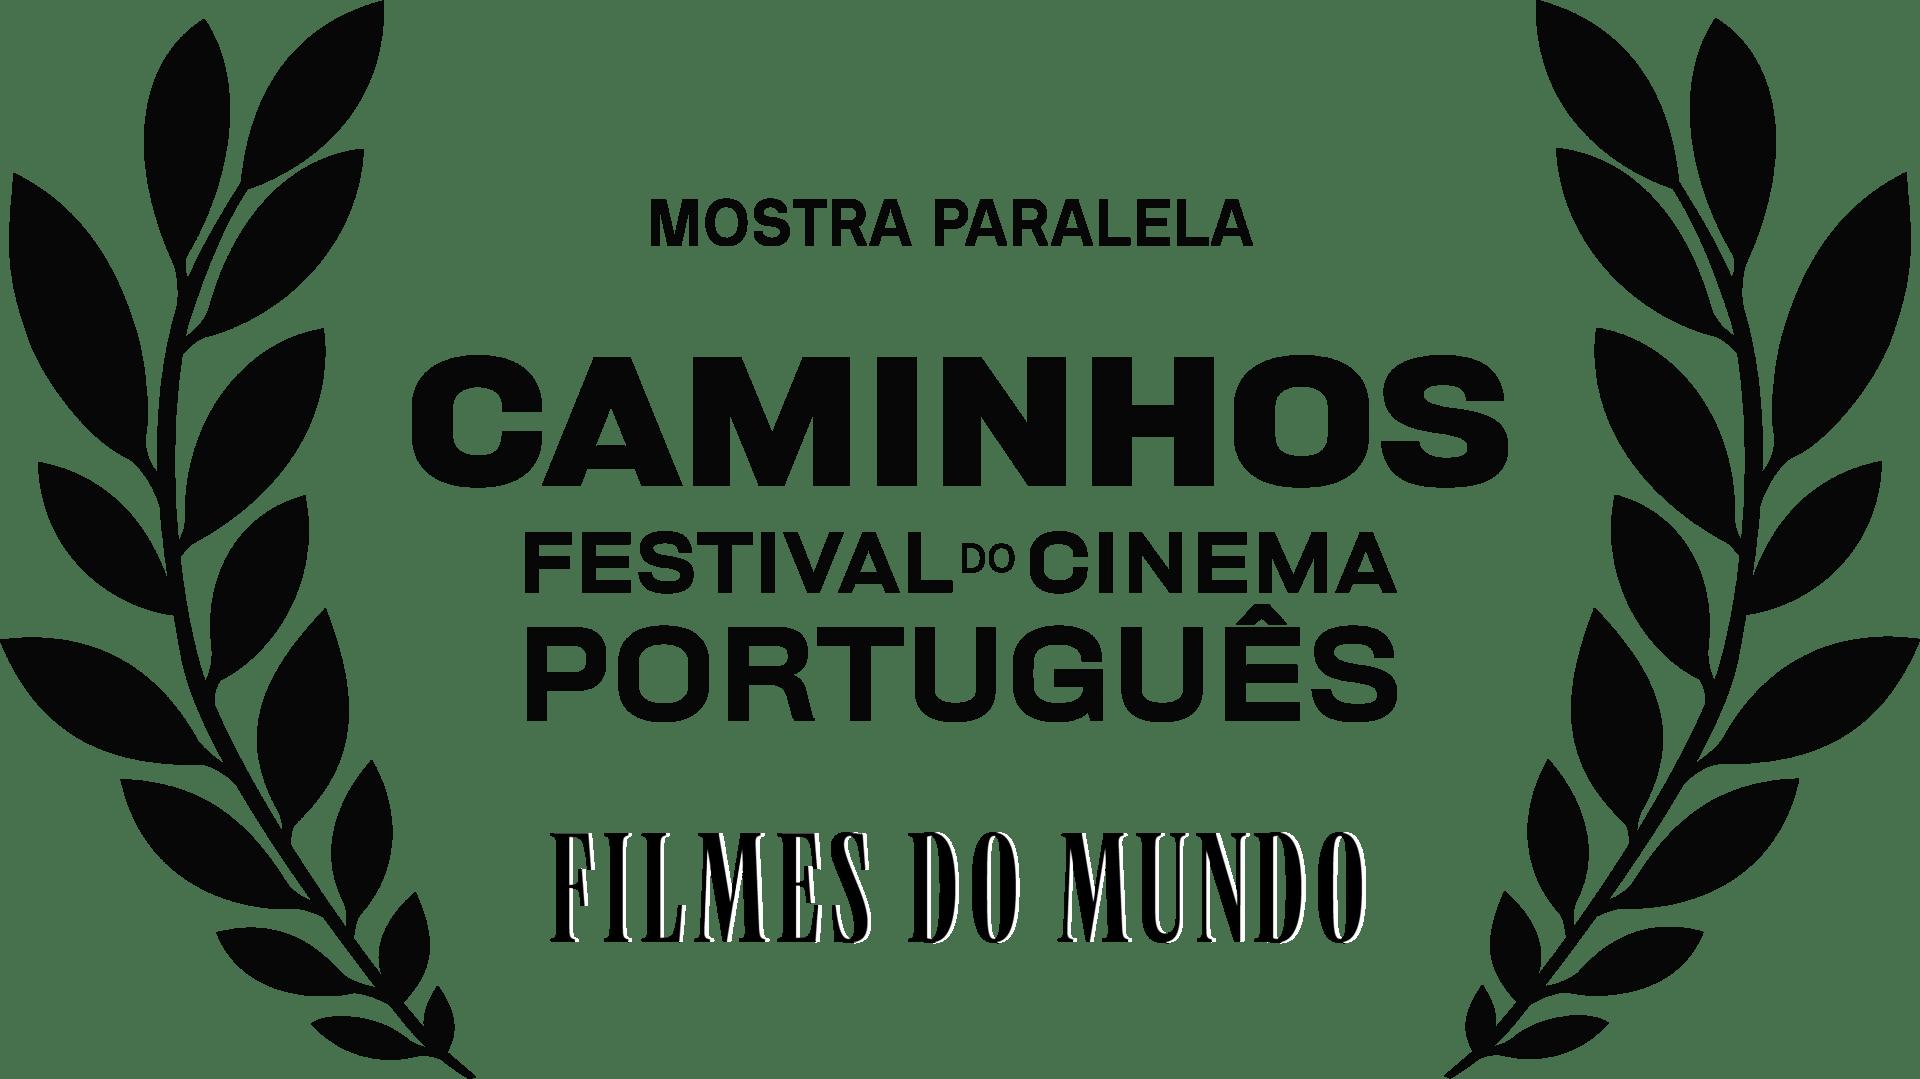 FILMES DO MUNDO PRETO